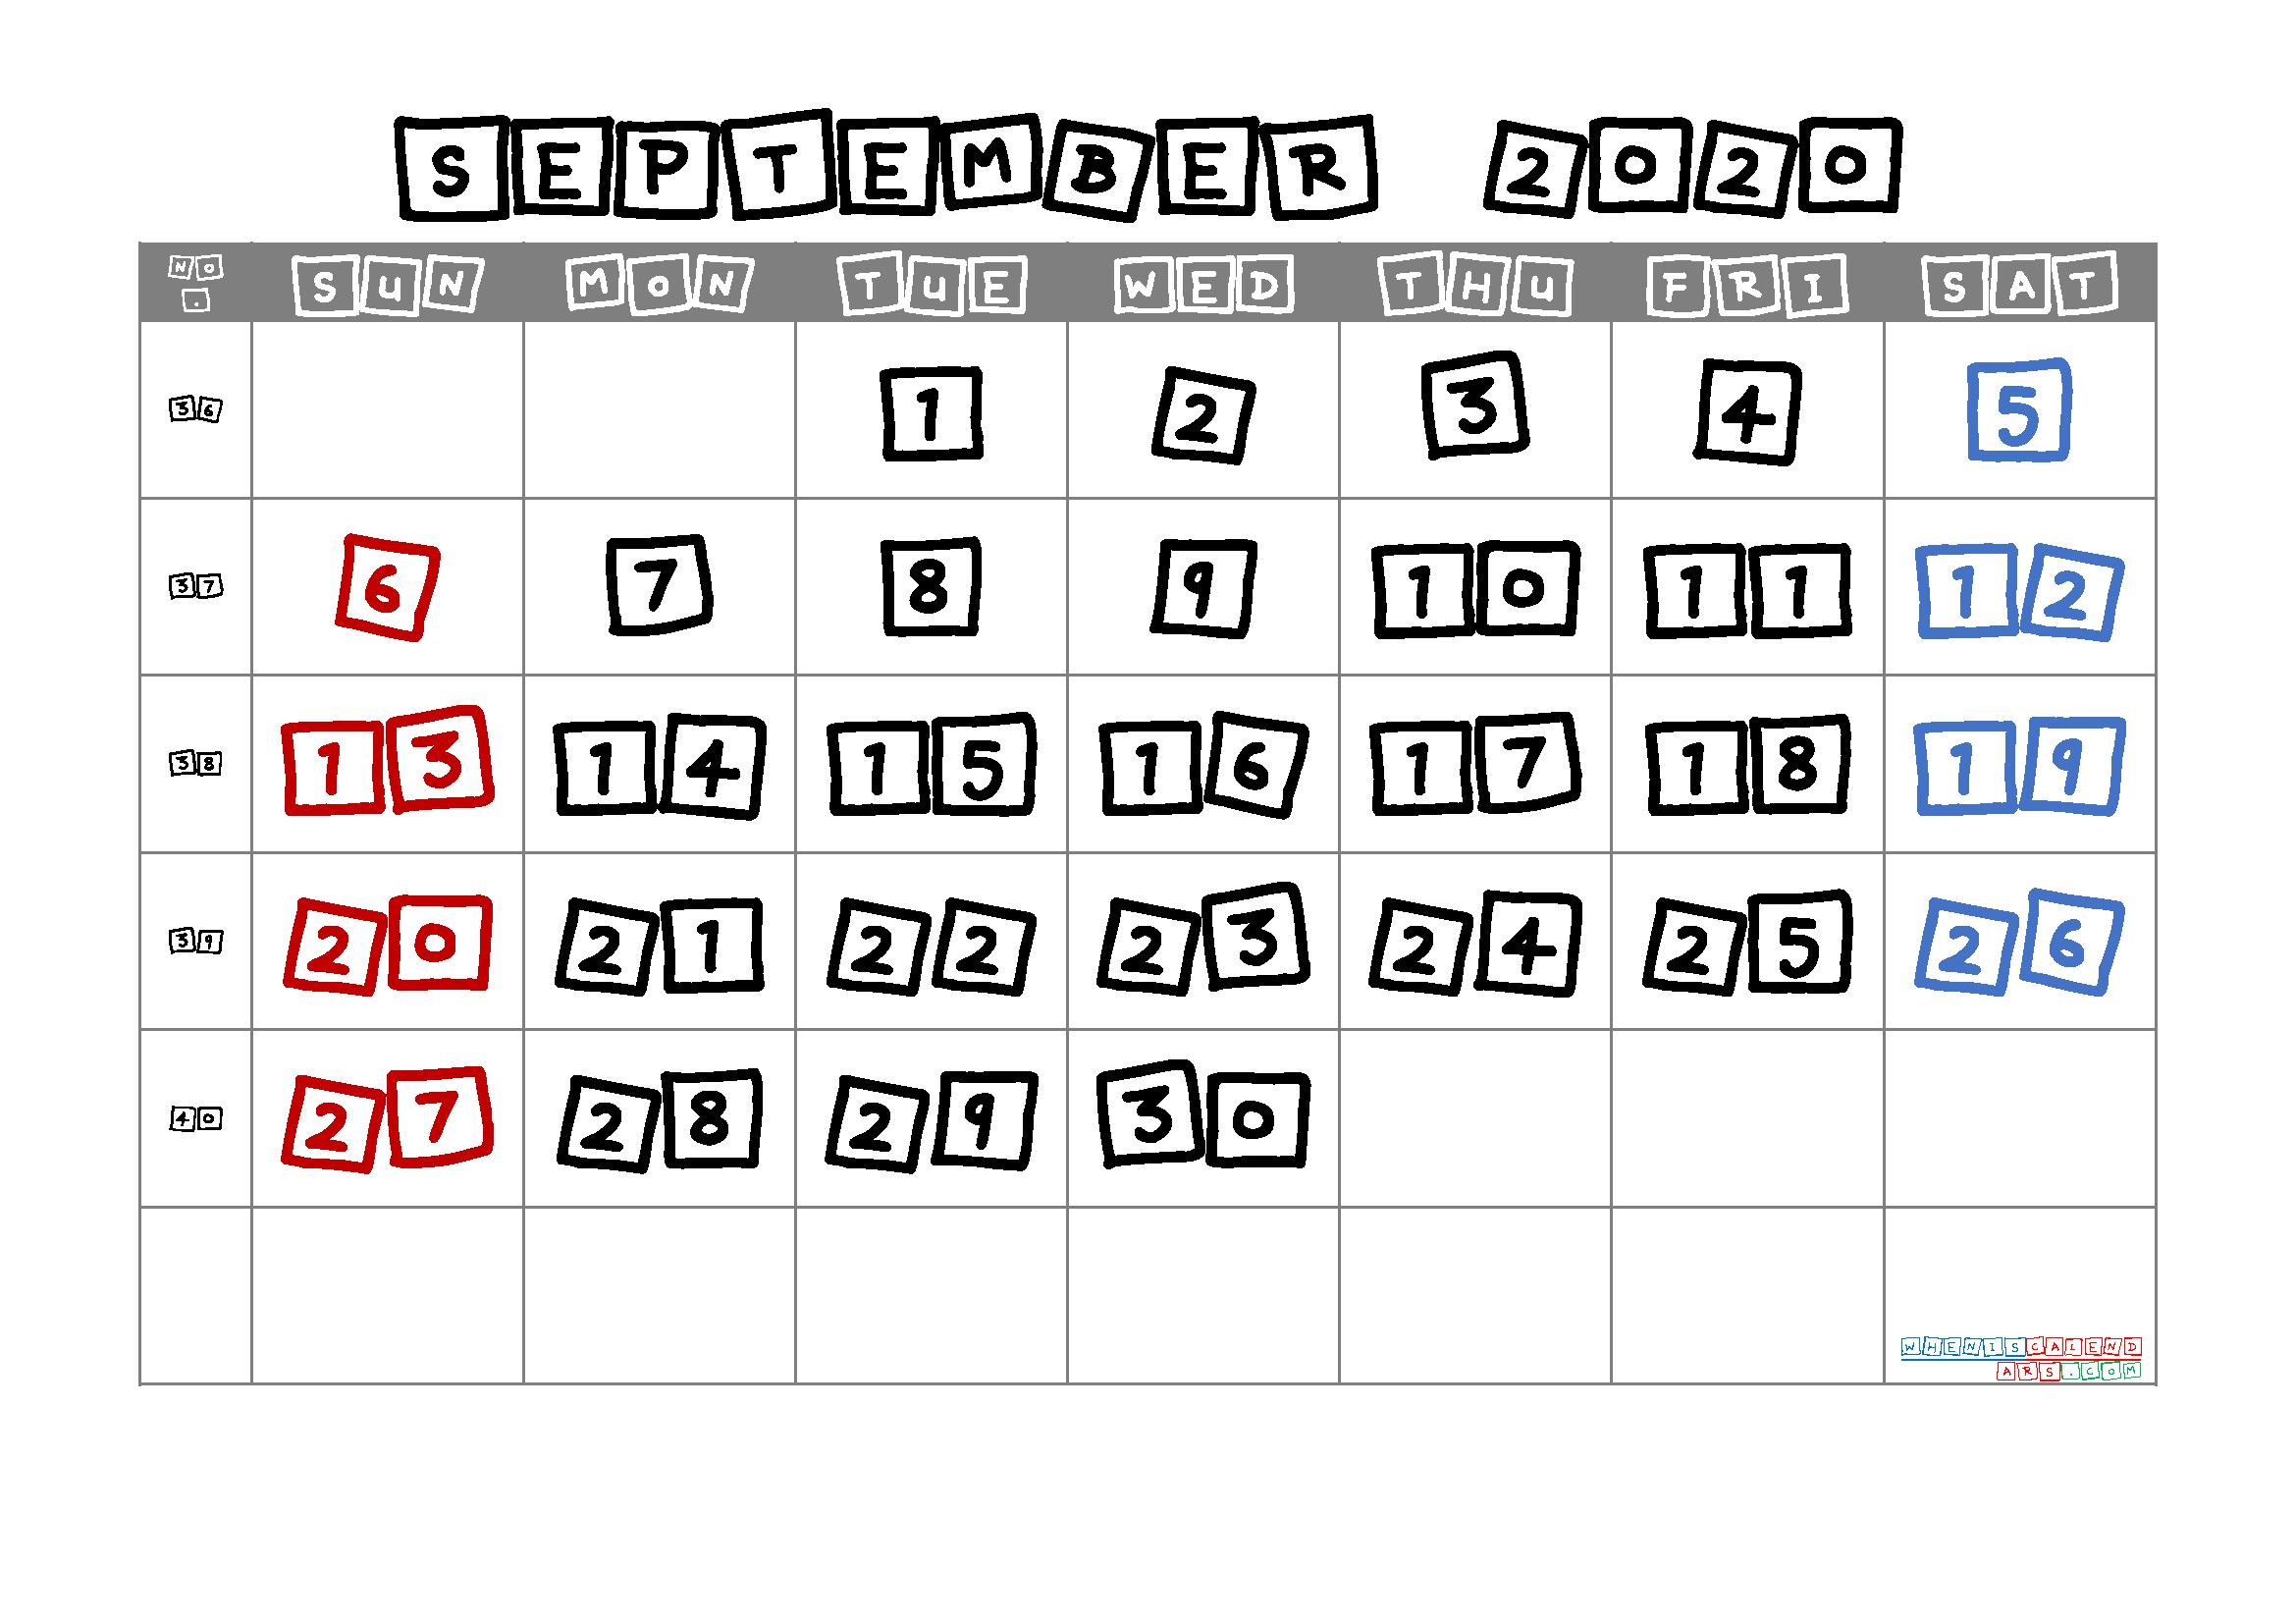 Free Printable September 2020 Calendar with Week Numbers